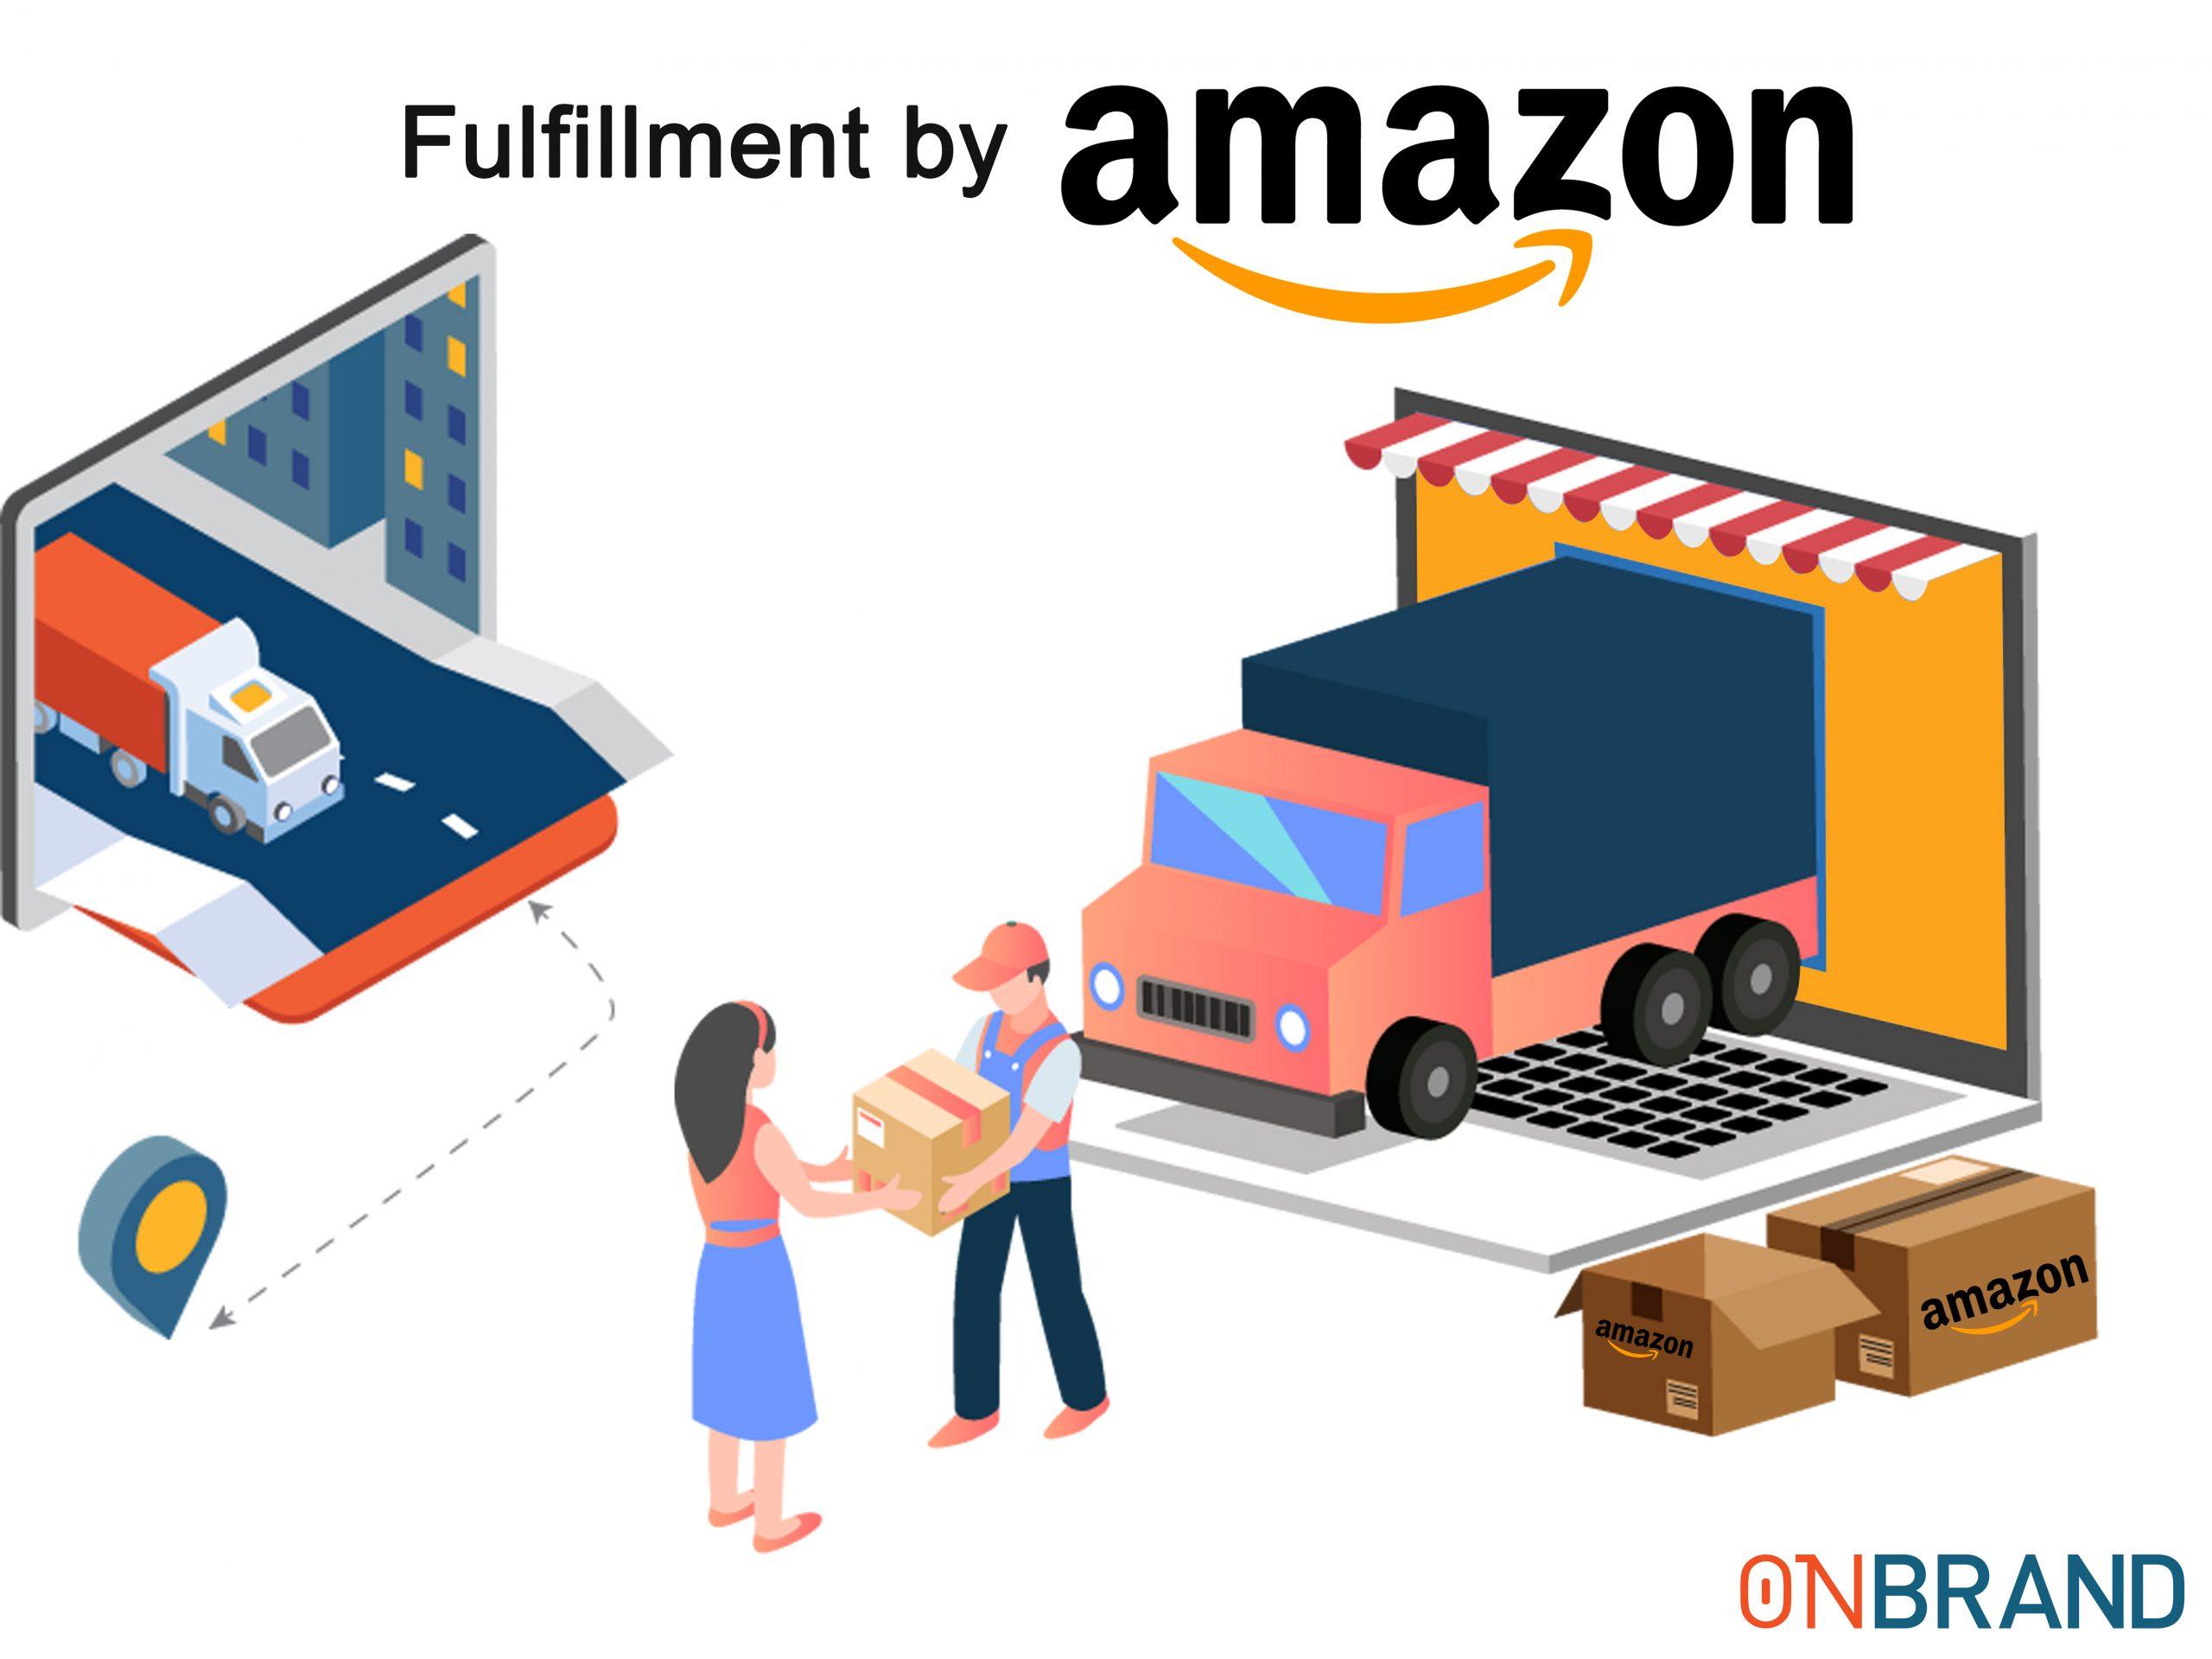 FBA Amazon là gì? Toàn bộ kiến thức về bán hàng Amazon FBA – Fulfillment by Amazon